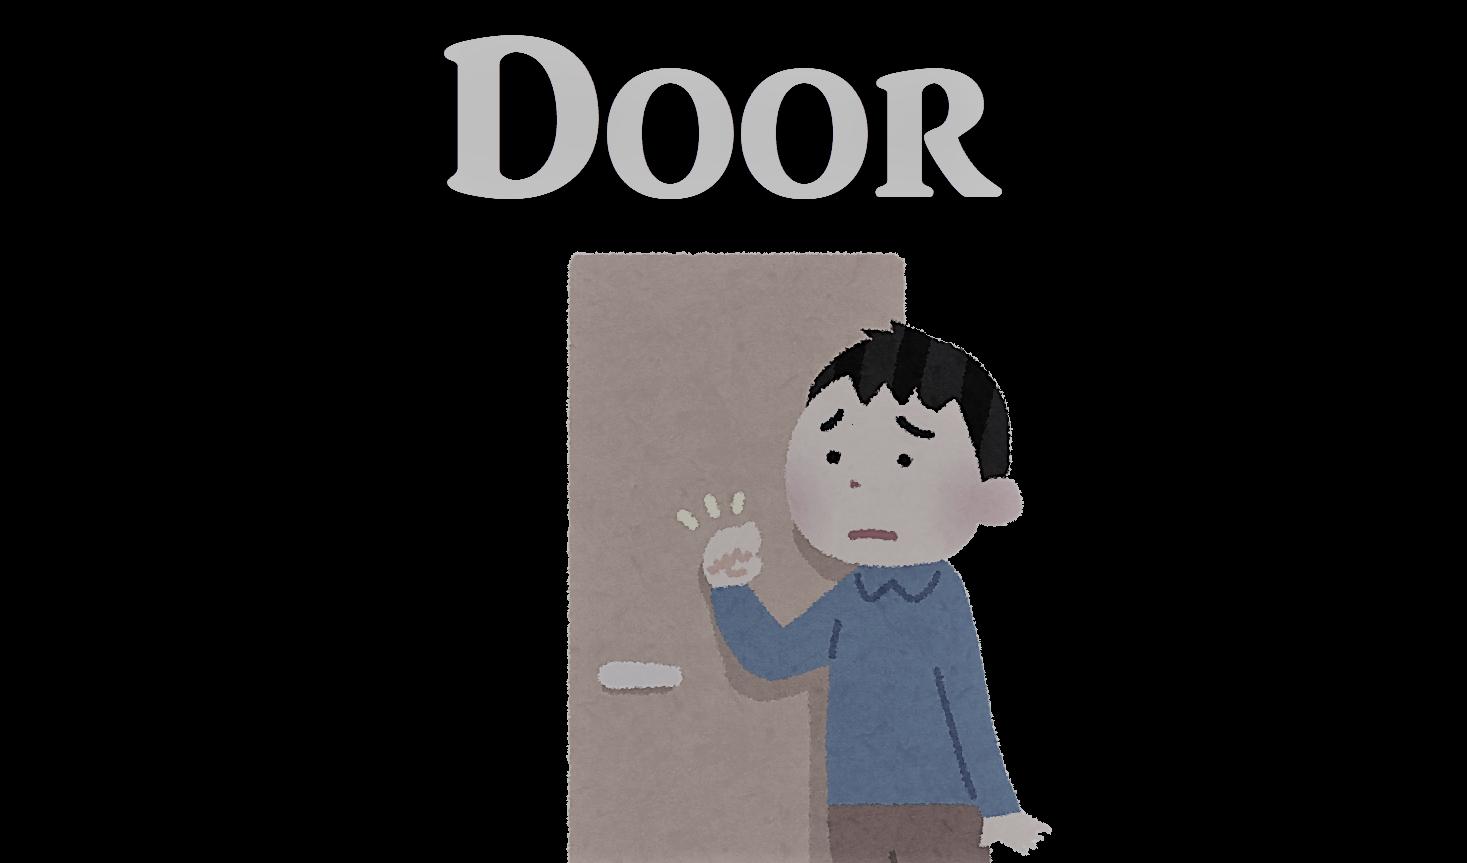 「Door」のイメージ